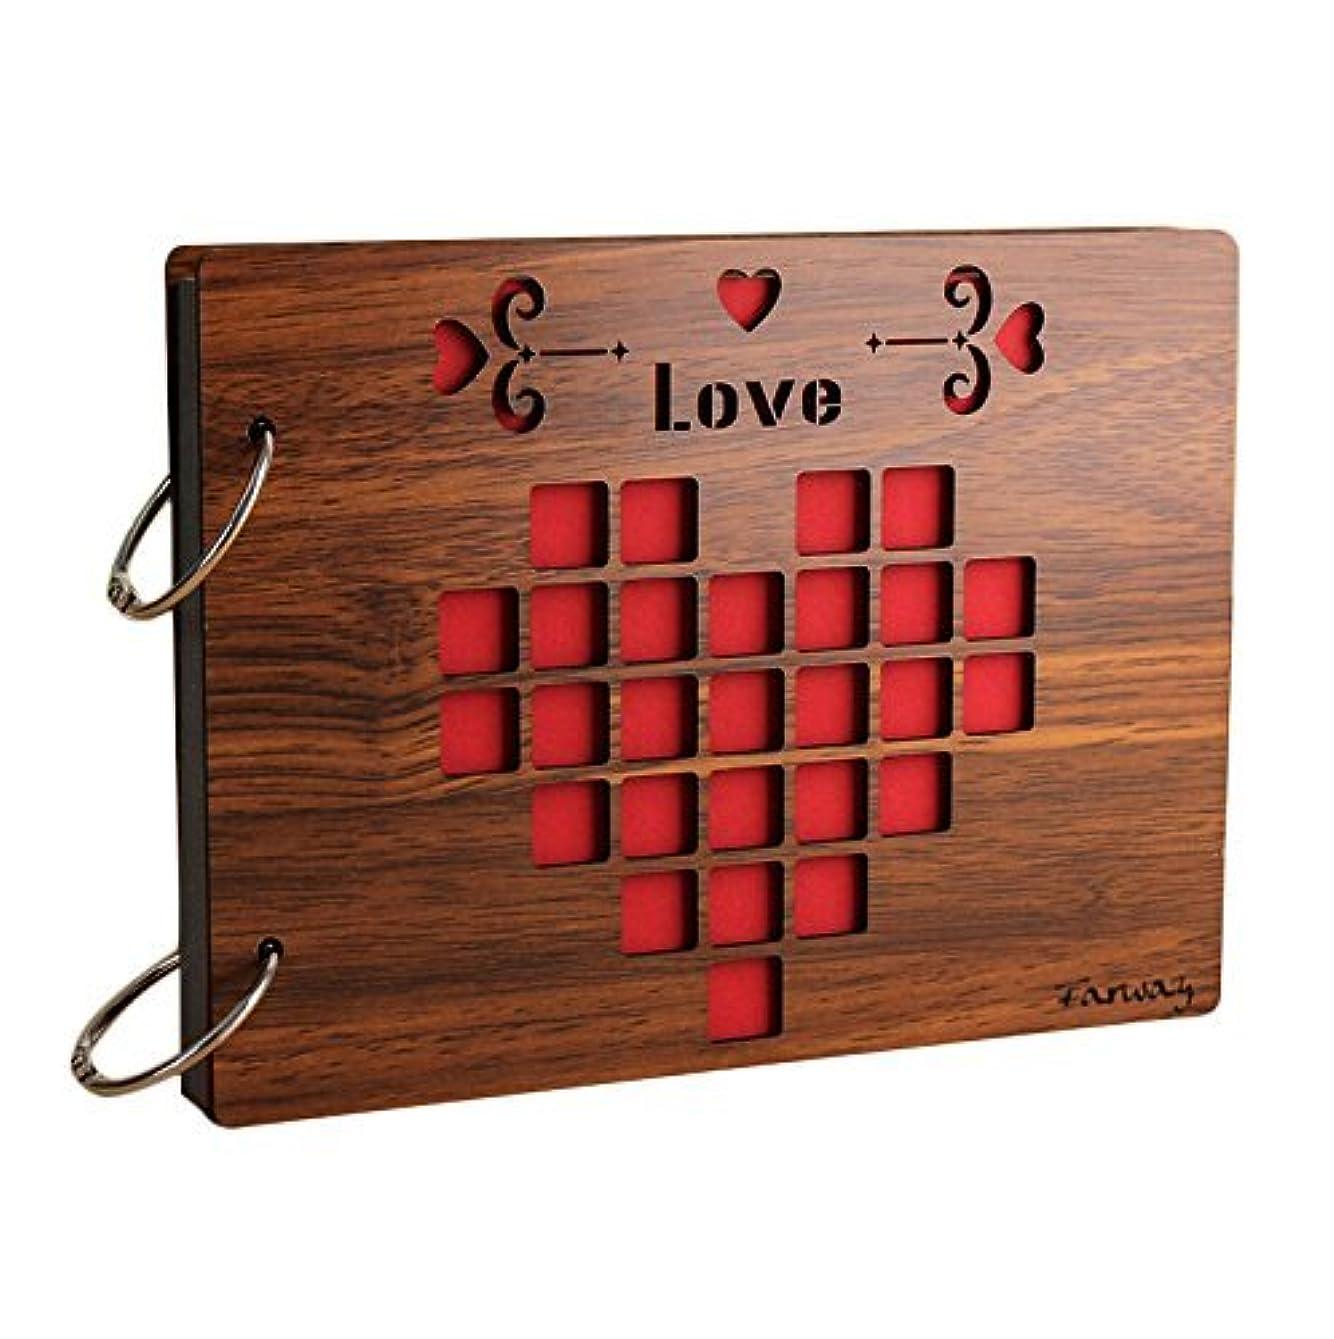 何かセーブリサイクルするFarway アルバム 木製 スクラップブック DIY 手作り ルーズリーフ式 多様柄 リング3本付き 27*20cm (Love) [並行輸入品]